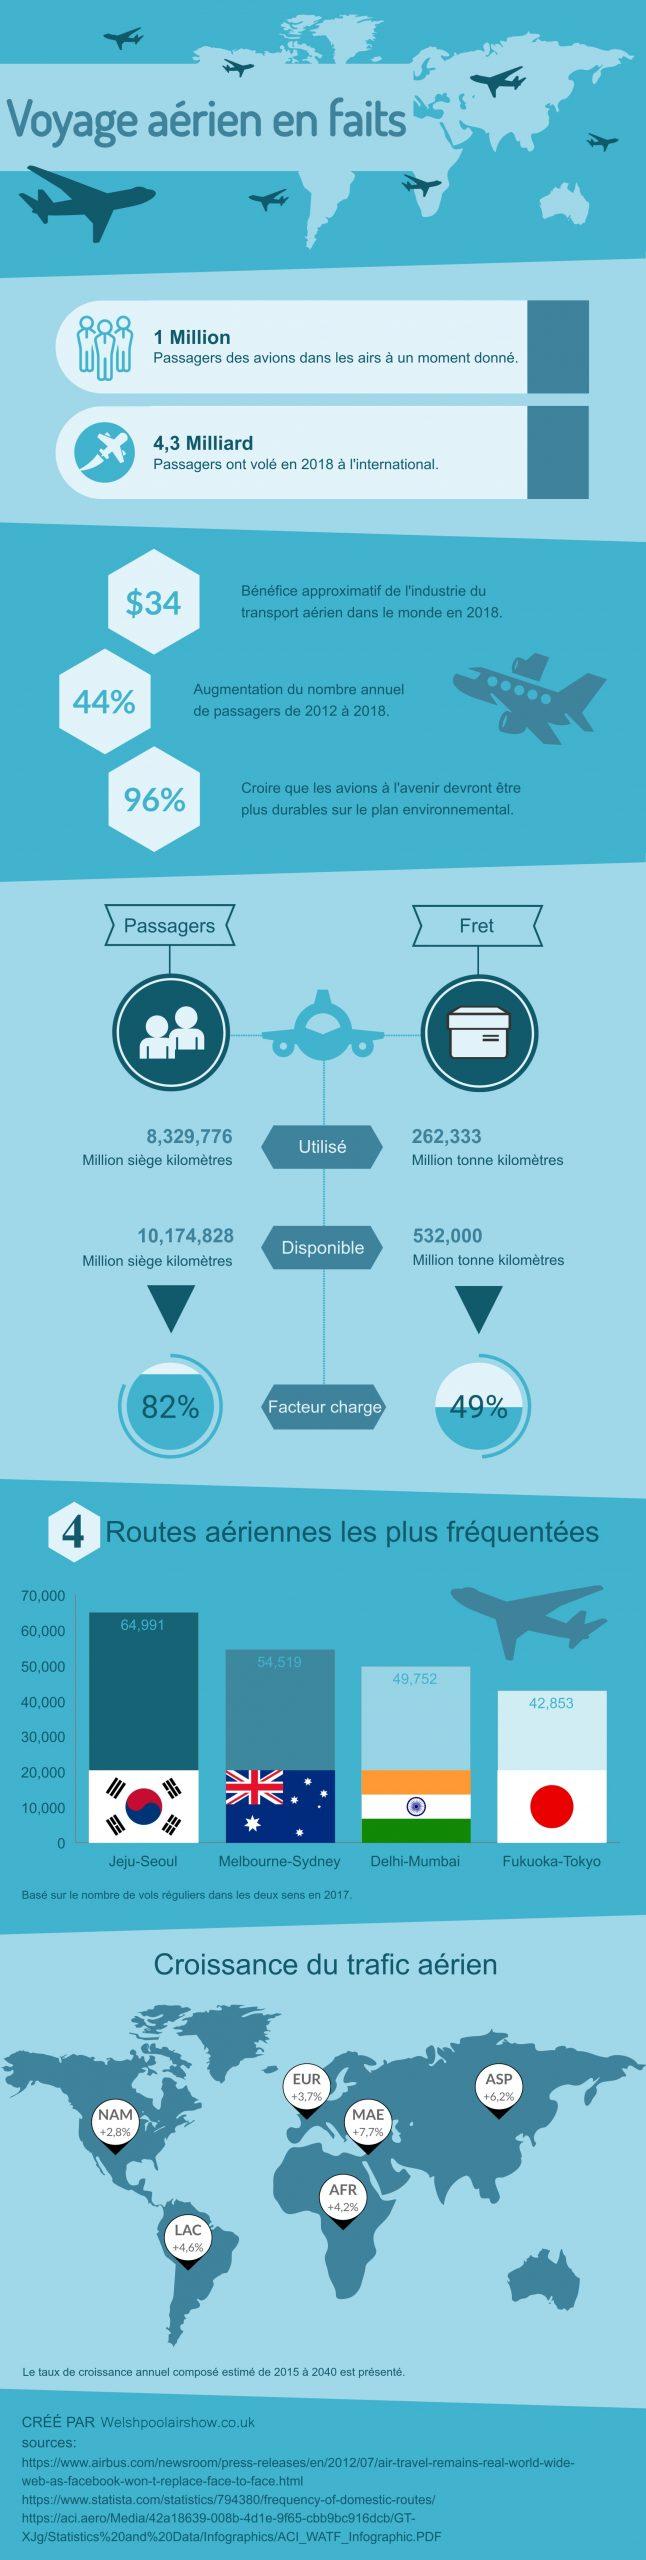 Voyage aerien en faits infographie